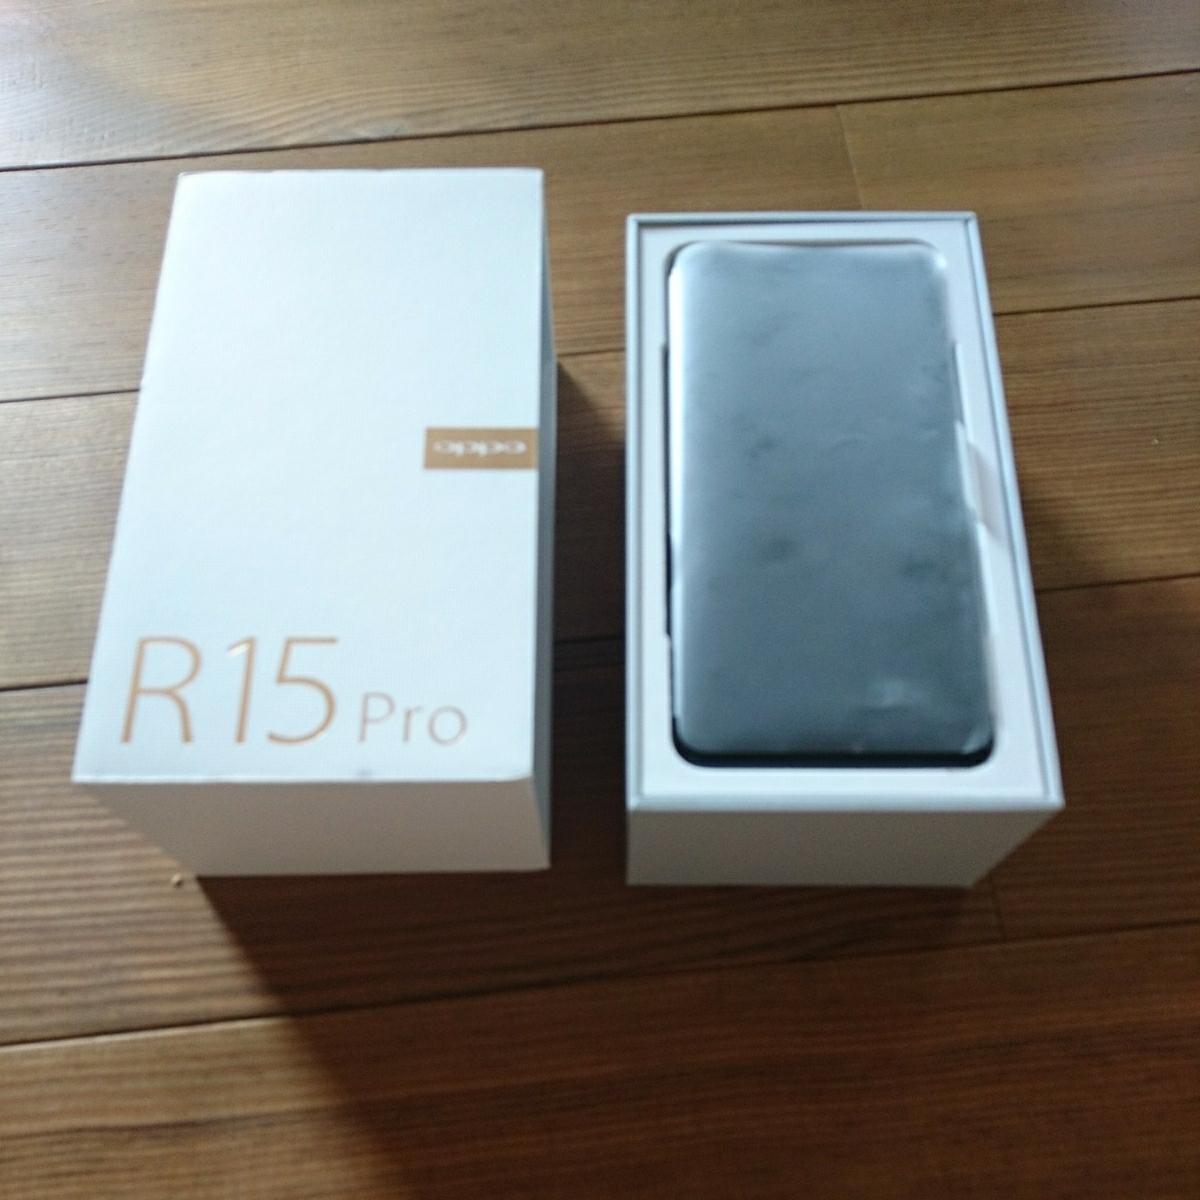 【即決送料無料】新品未使用 oppo R15 pro SIMフリー 日本語対応 グローバル版 パープル